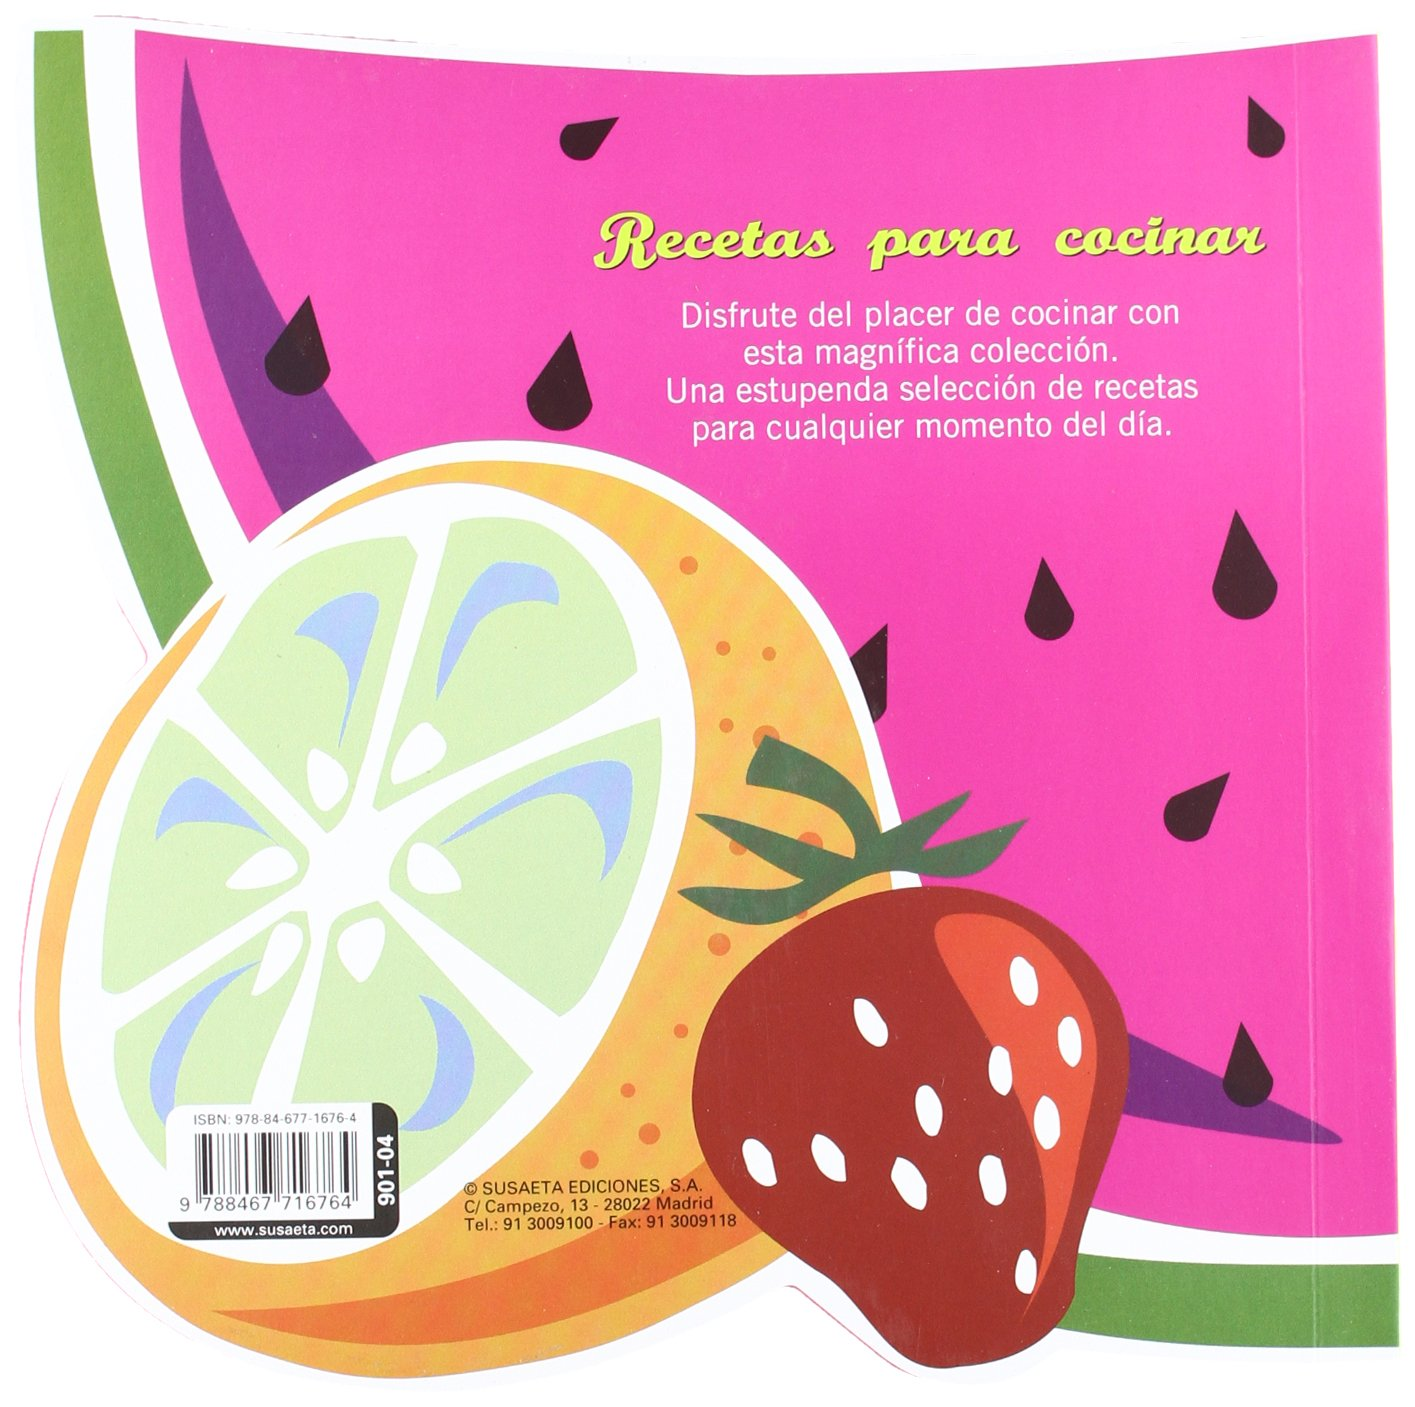 Batidos y zumos (Recetas para cocinar): Amazon.es: Equipo Susaeta: Libros